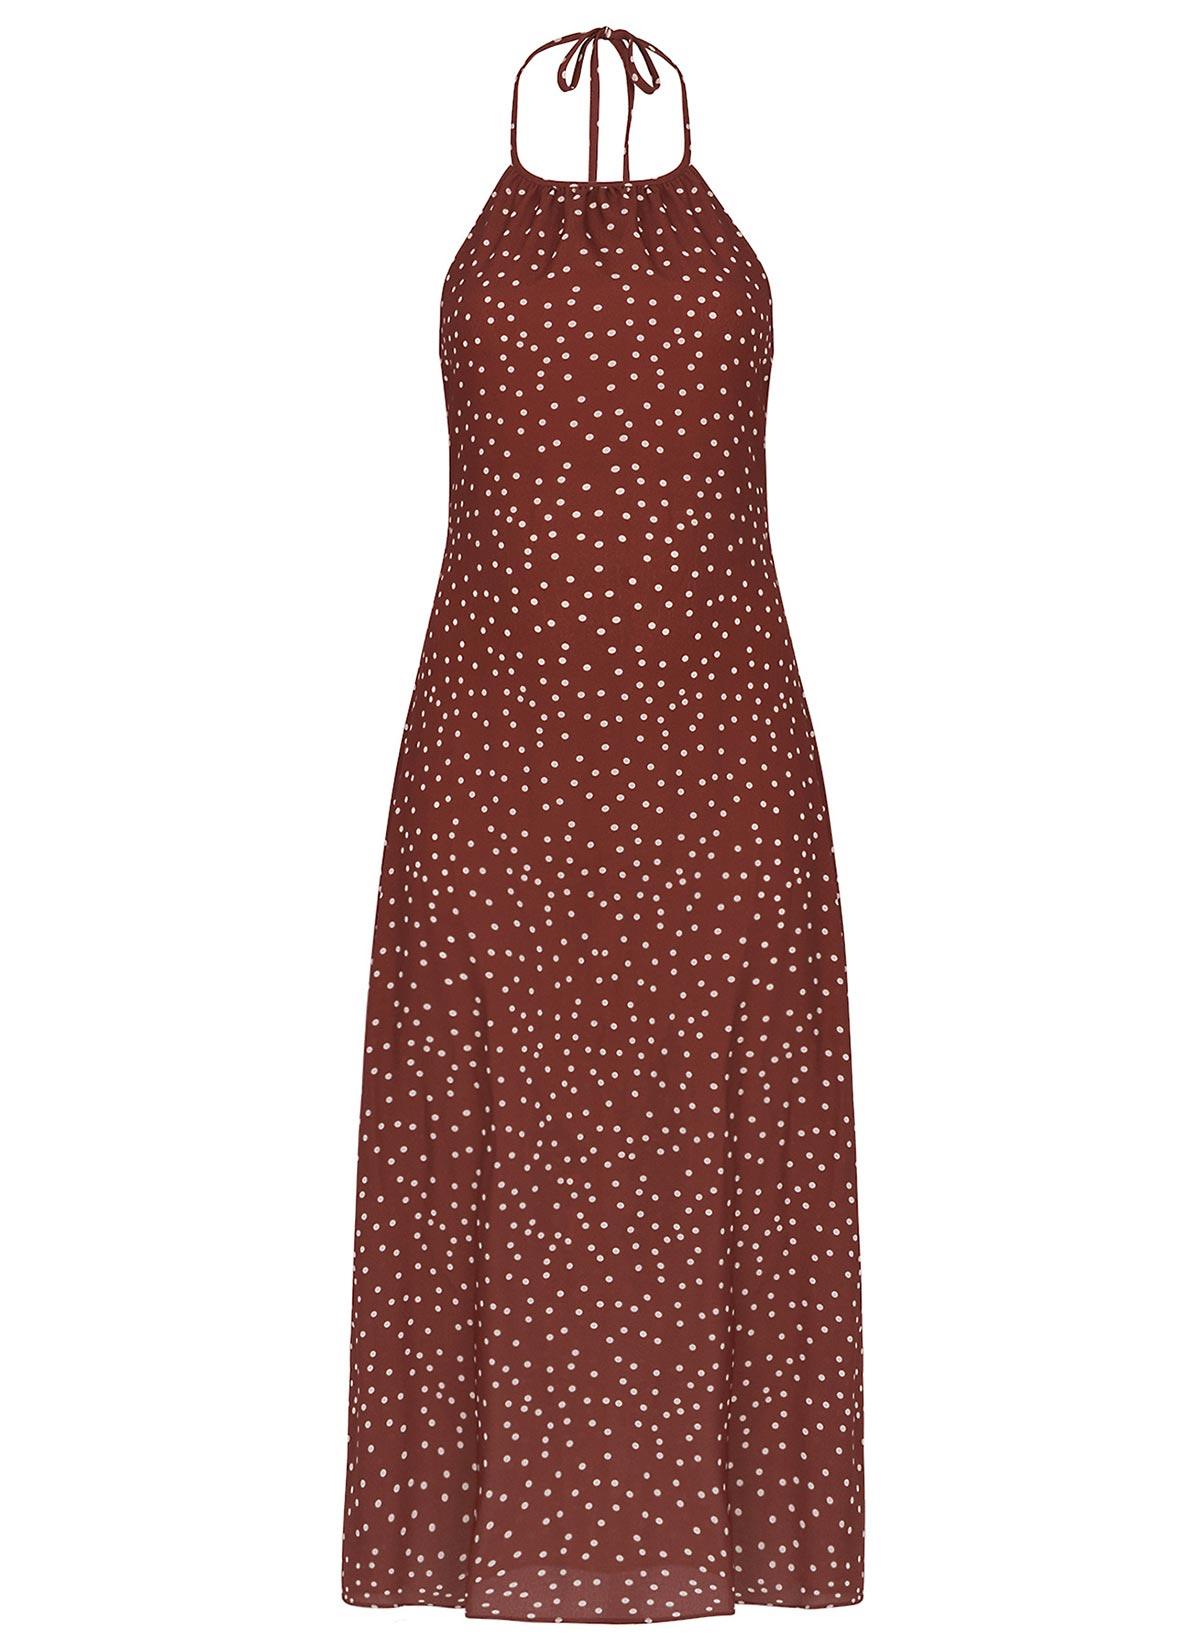 Olive Boyundan Bağlı Midi Elbise